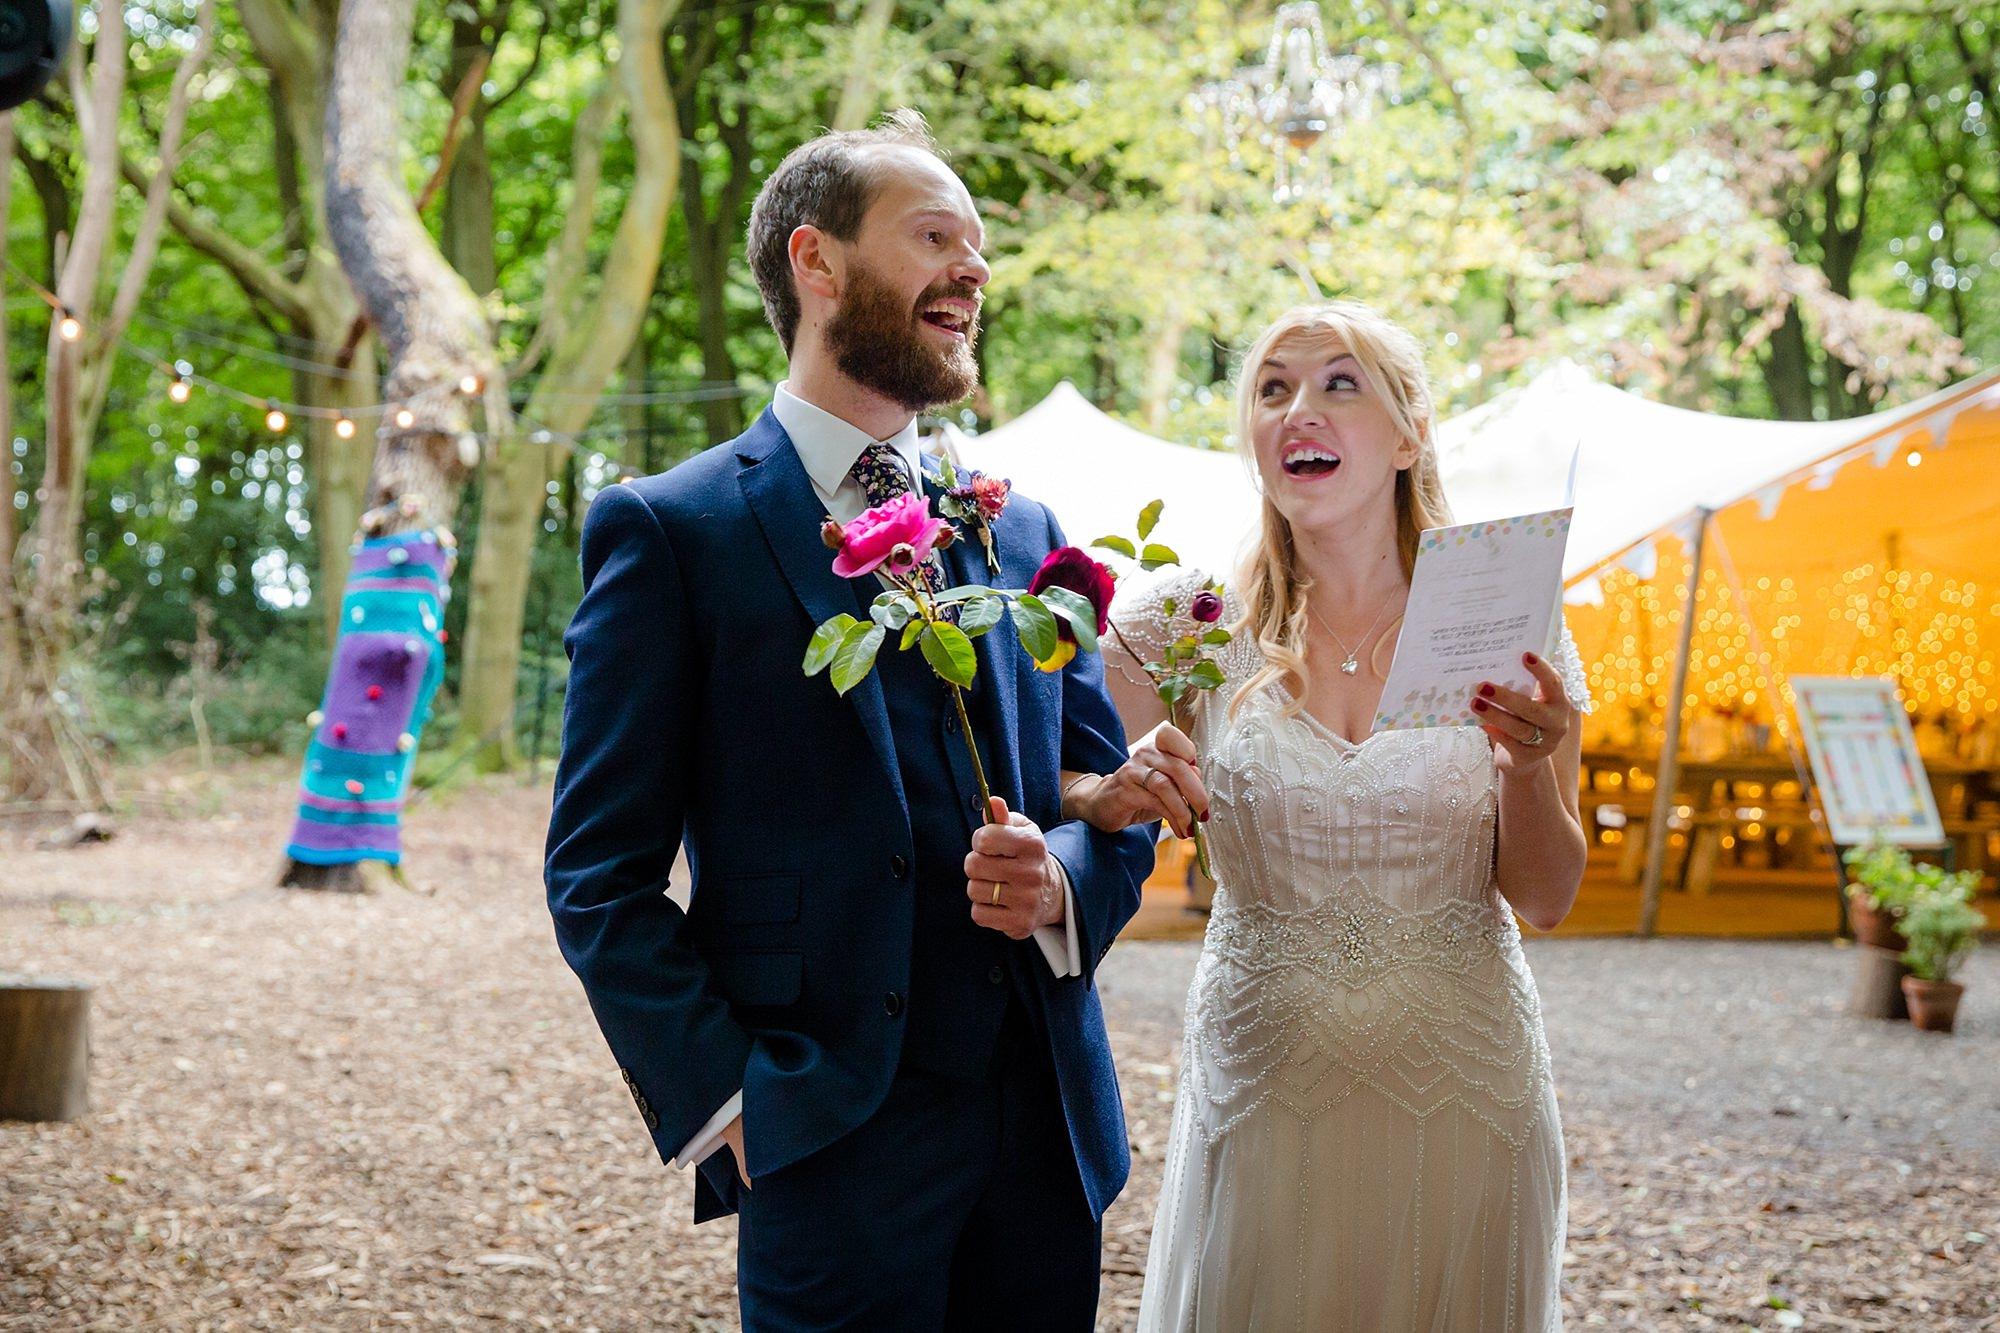 Woodland Weddings Tring bride and groom singing